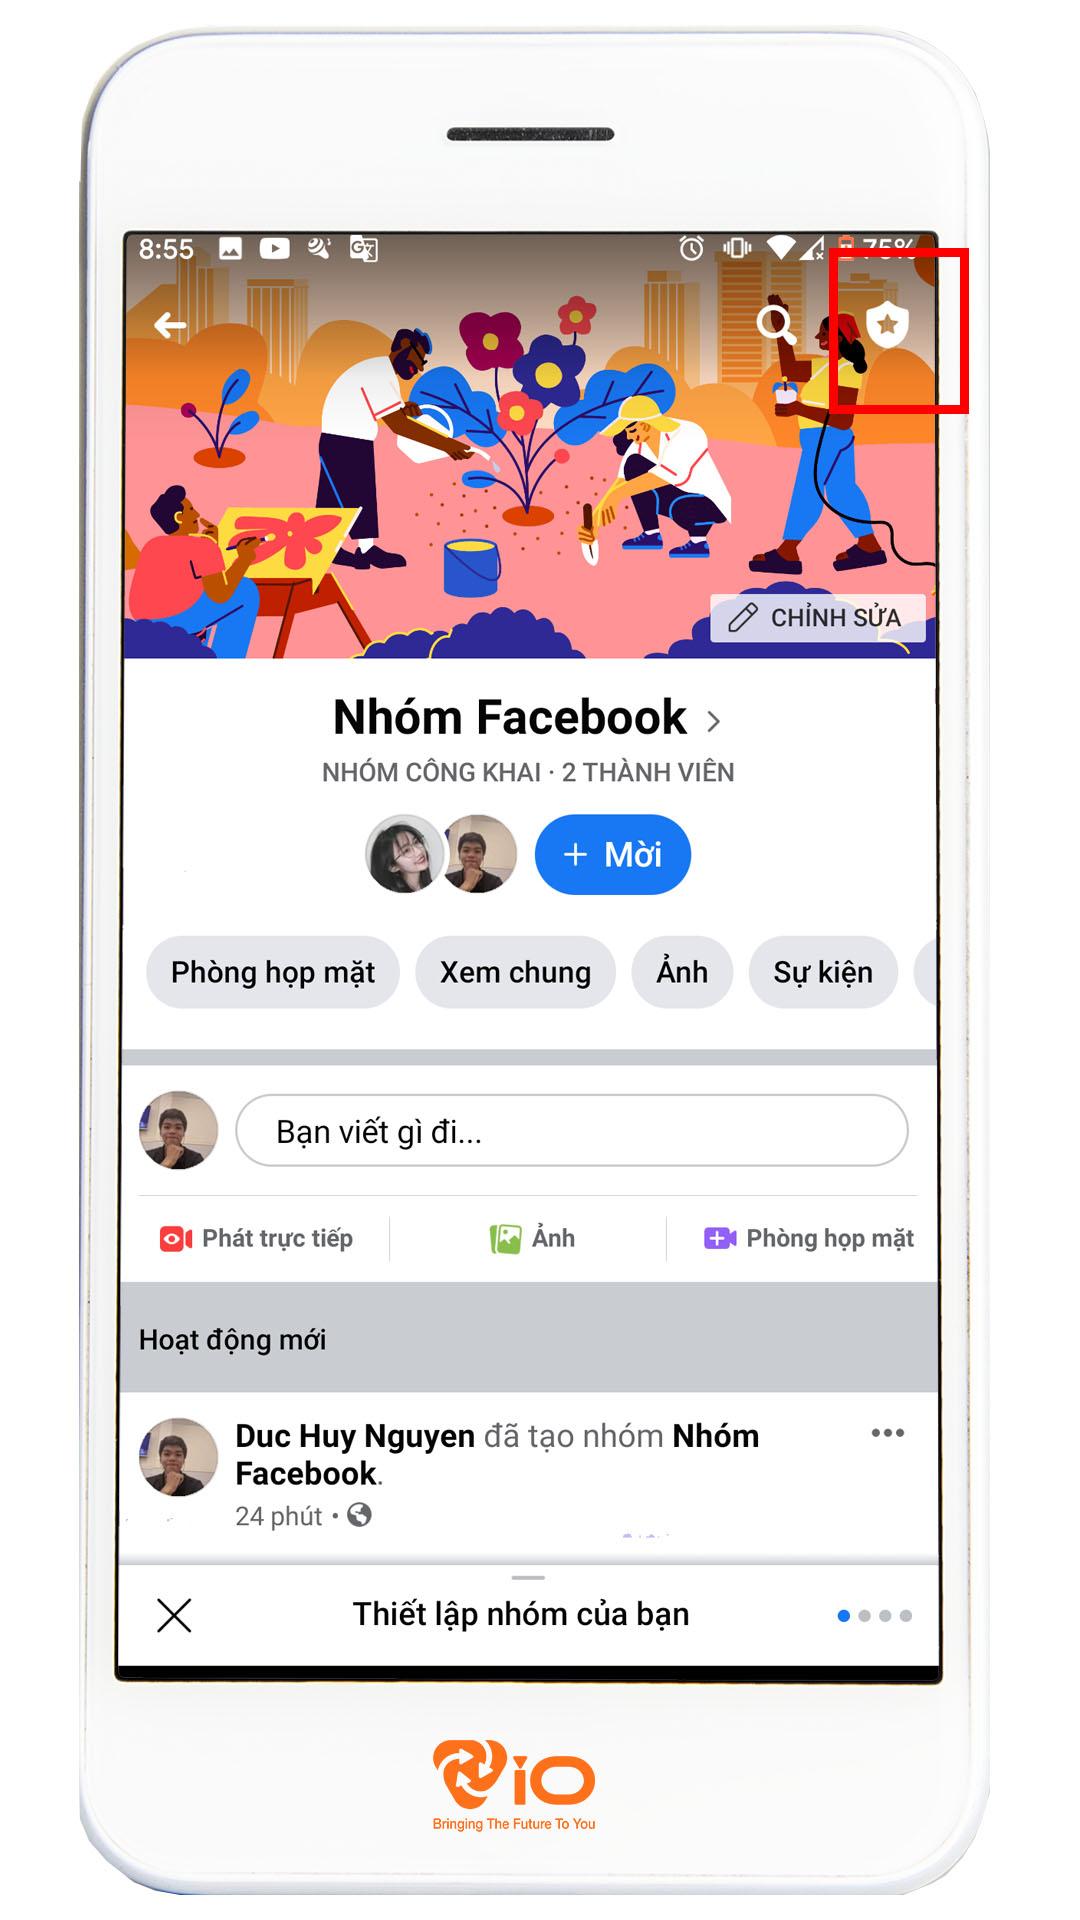 cach-xoa-nhom-tren-facebook-cho-dien-thoai-05